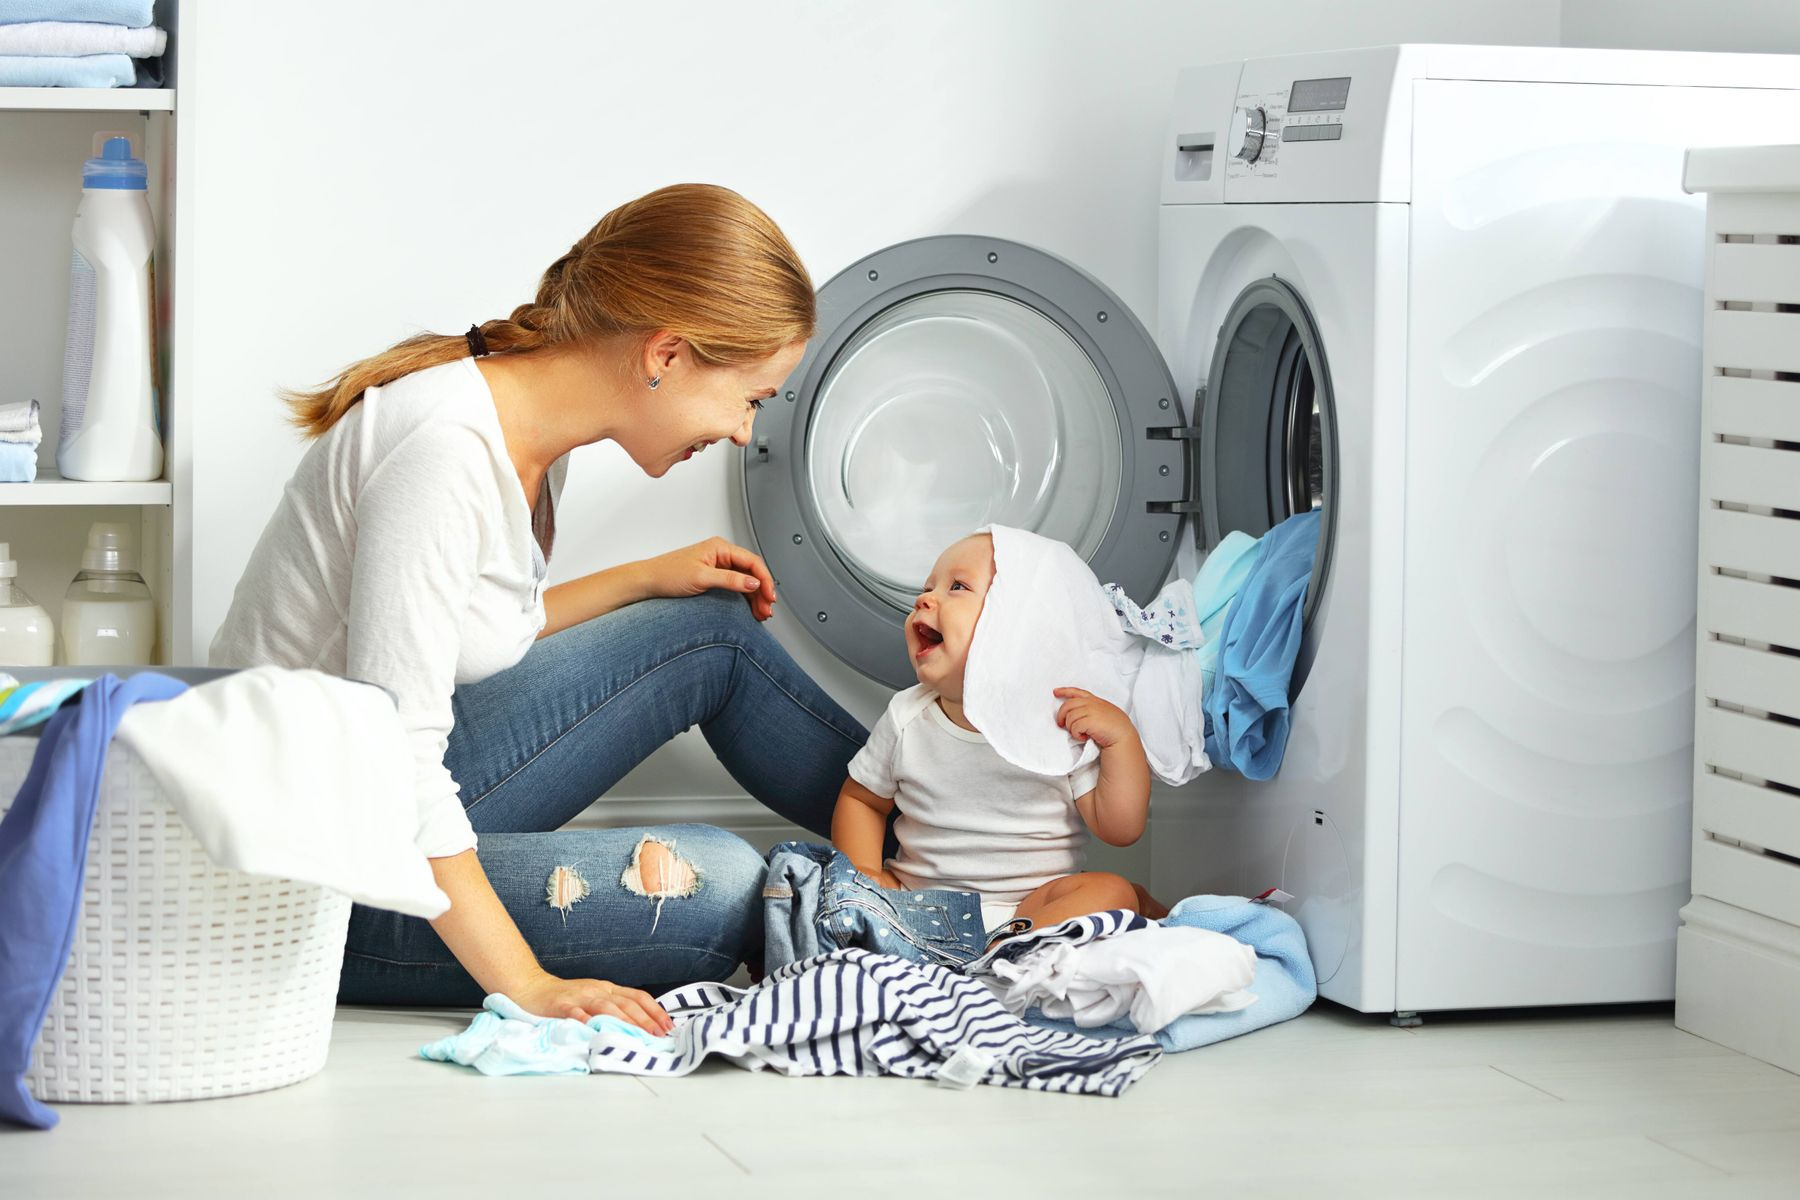 Mẹ nên chăm sóc quần áo mới mua cho bé thế nào?